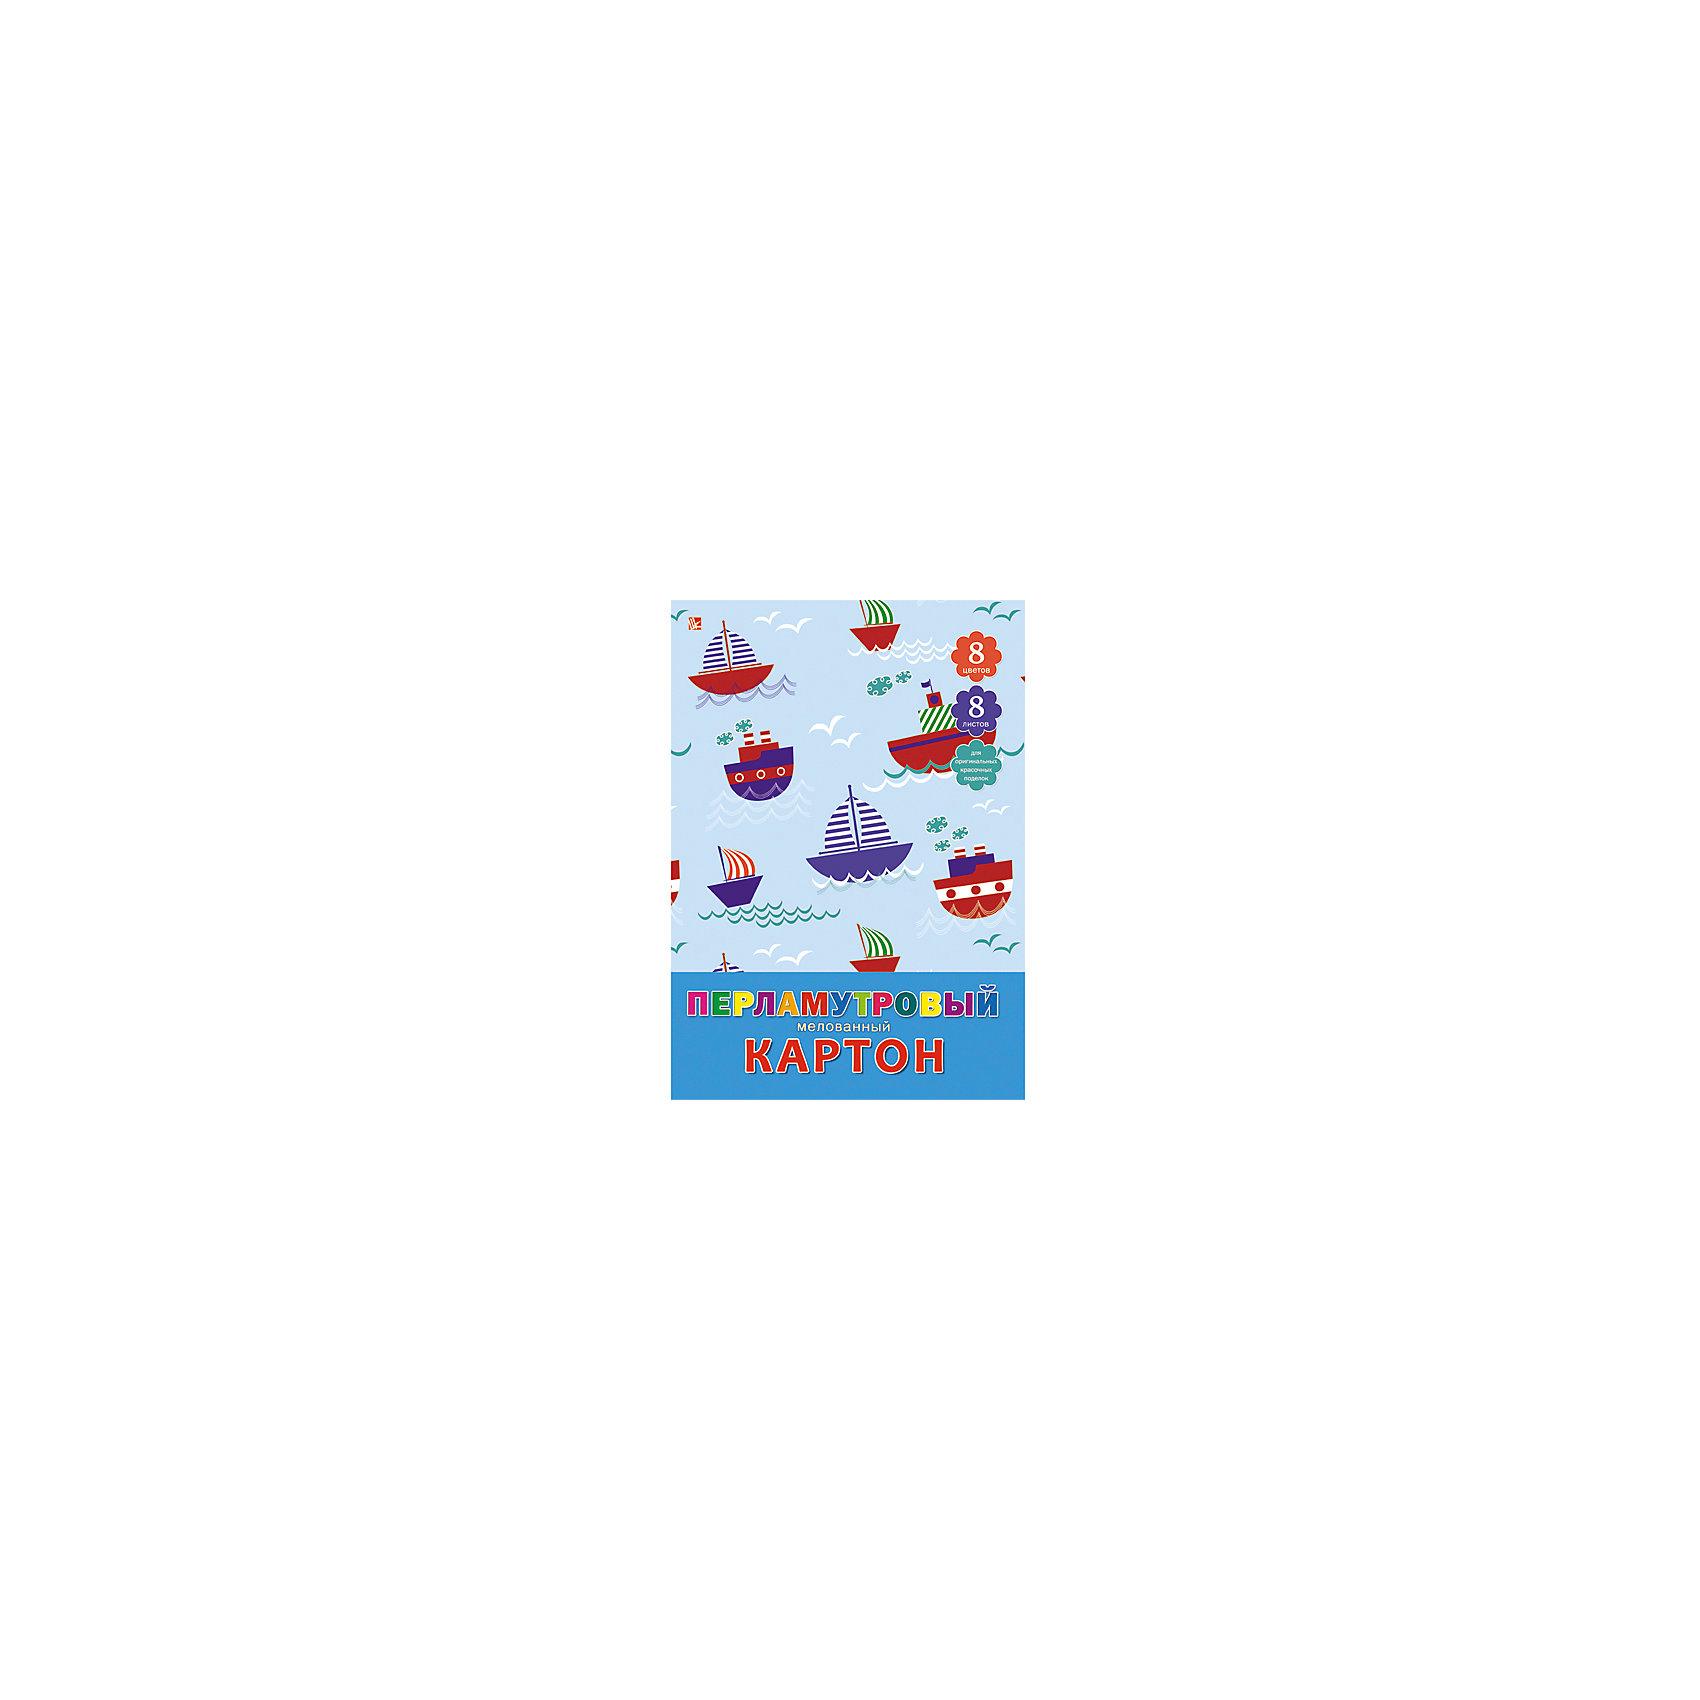 Перламутровый мелованный картон Кораблики, 8л, 8 цвПерламутровый мелованный картон Кораблики. Формат А4, разноцветный. Прекрасно подойдет для создания ярких красивых поделок!<br><br>Дополнительная информация:<br>Обложка: картон<br>Количество листов: 8(разноцветный)<br>Формат: А4<br>Перламутровый мелованный картон Кораблики можно приобрести в нашем интернет-магазине.<br><br>Ширина мм: 280<br>Глубина мм: 200<br>Высота мм: 6<br>Вес г: 139<br>Возраст от месяцев: 72<br>Возраст до месяцев: 2147483647<br>Пол: Унисекс<br>Возраст: Детский<br>SKU: 4942471